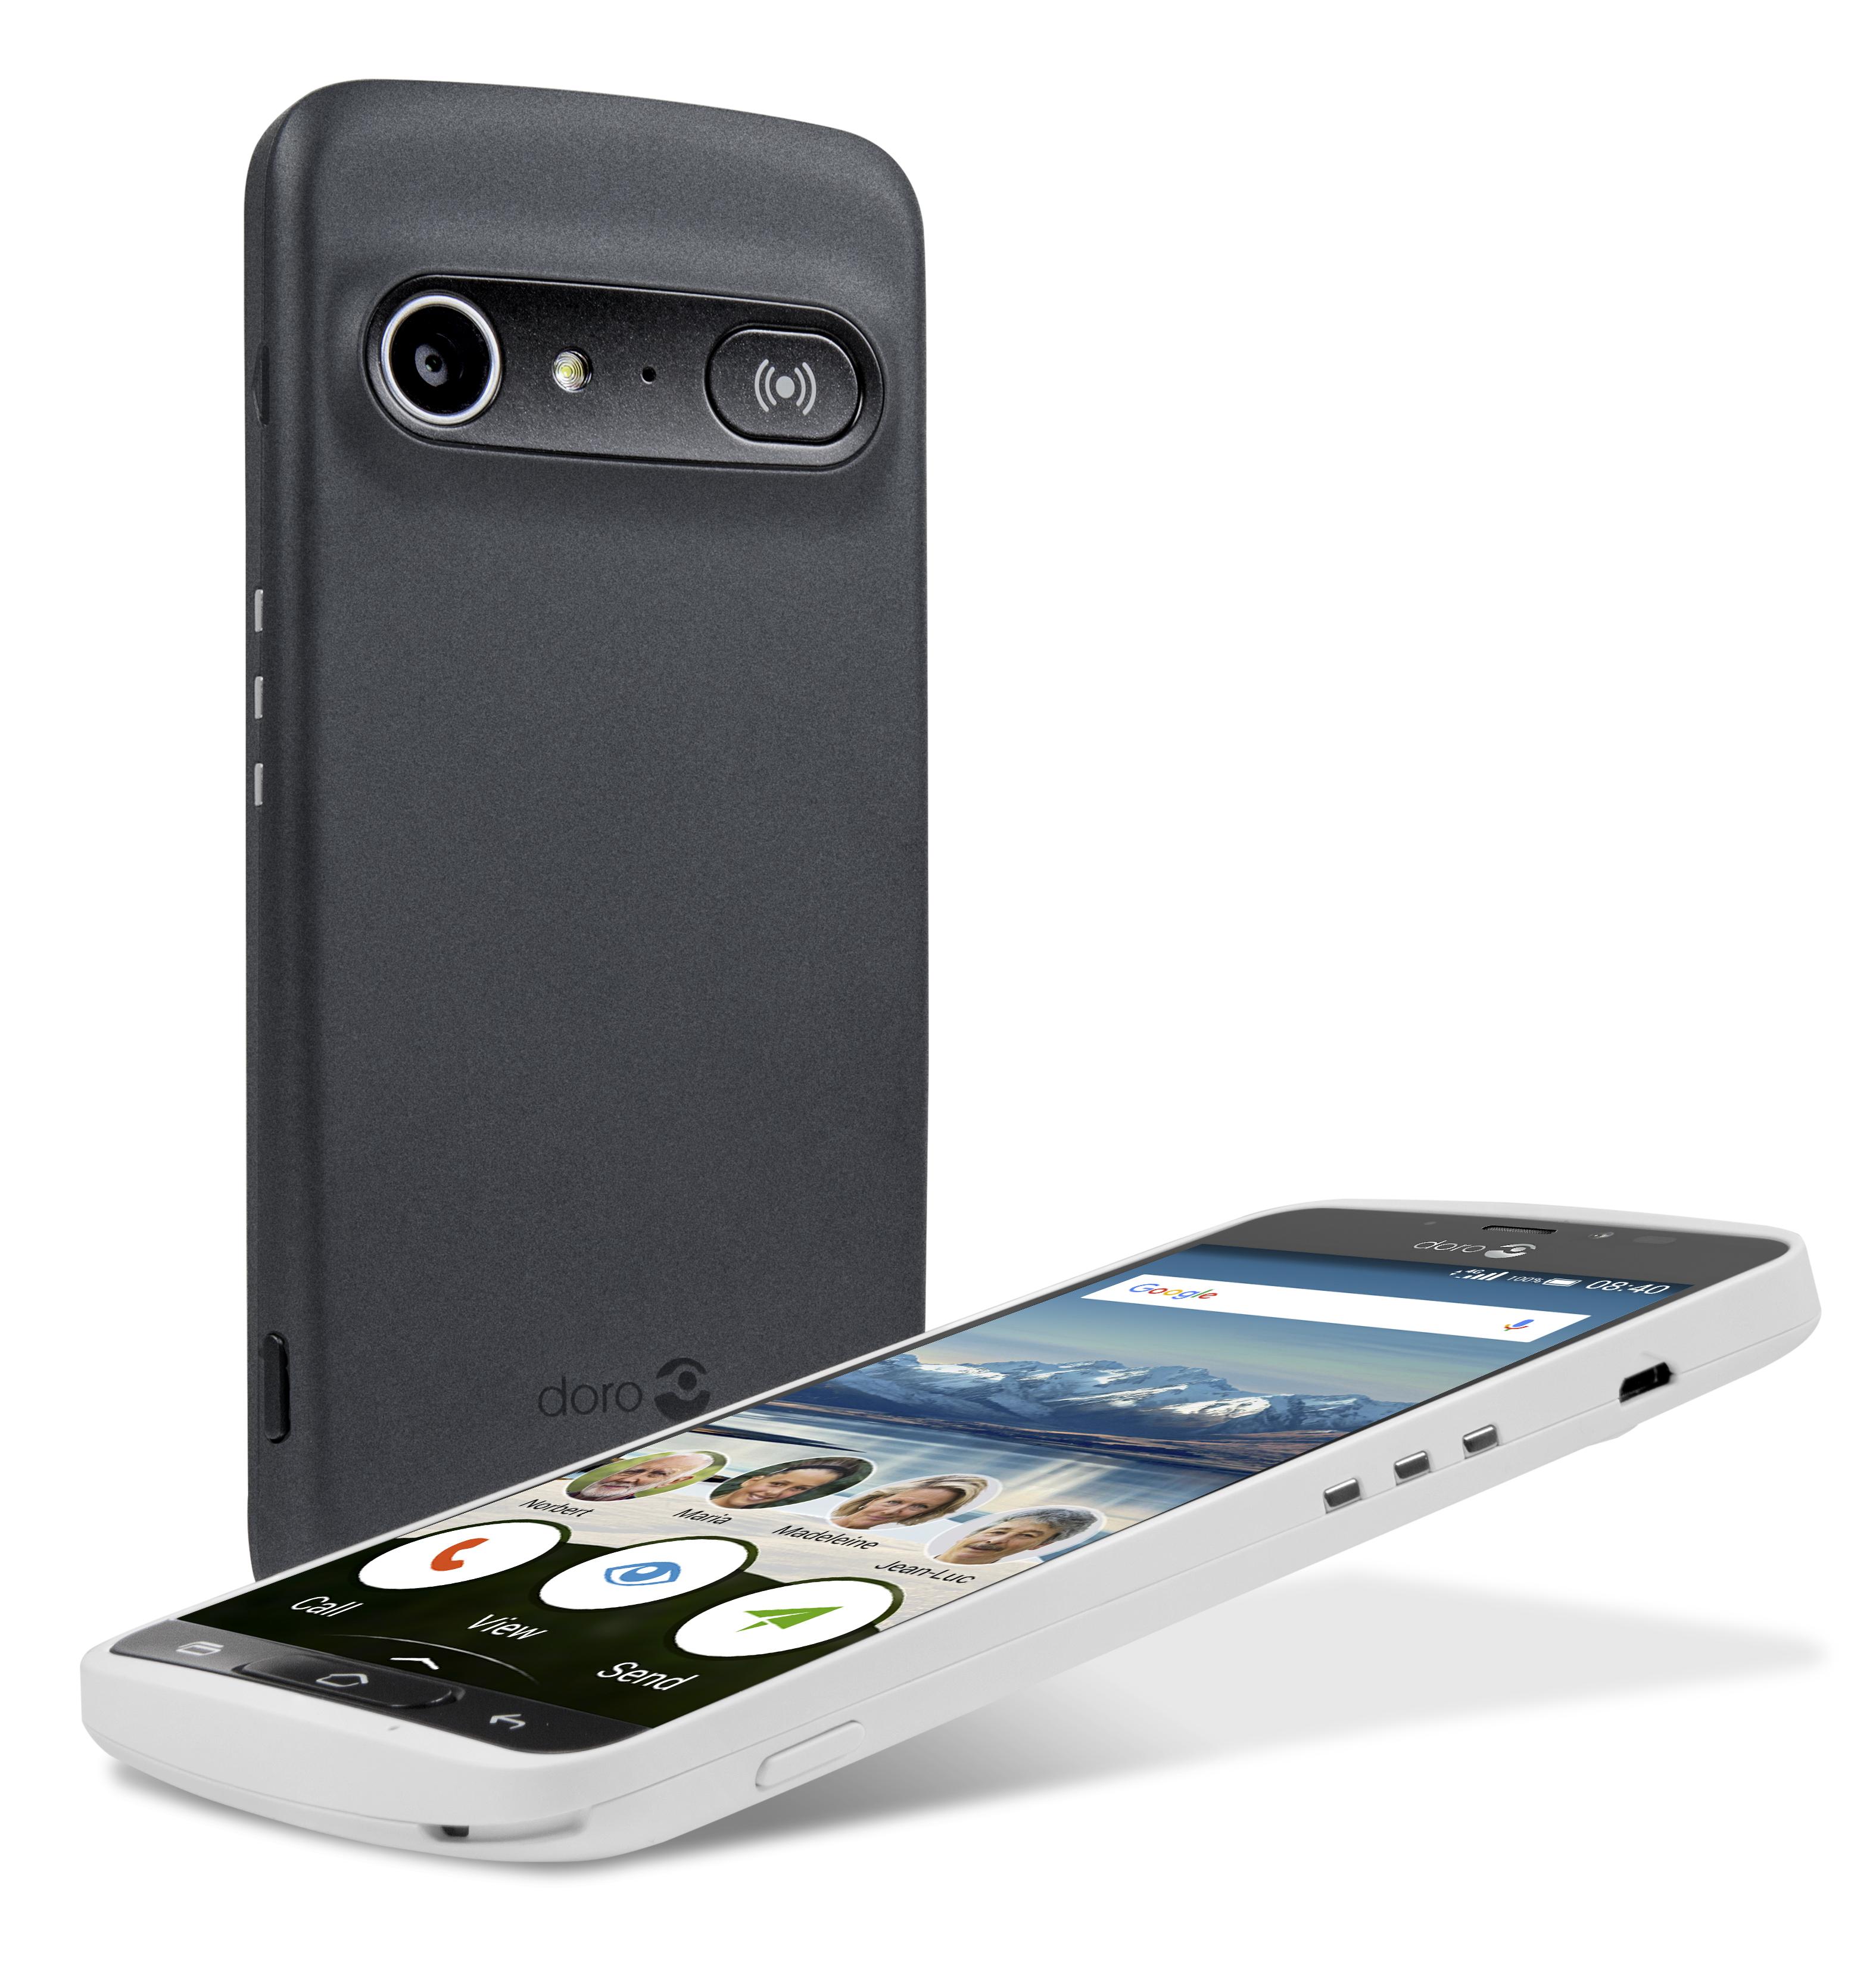 doro presenta il senior smartphone doro 8040 ifa 2017. Black Bedroom Furniture Sets. Home Design Ideas